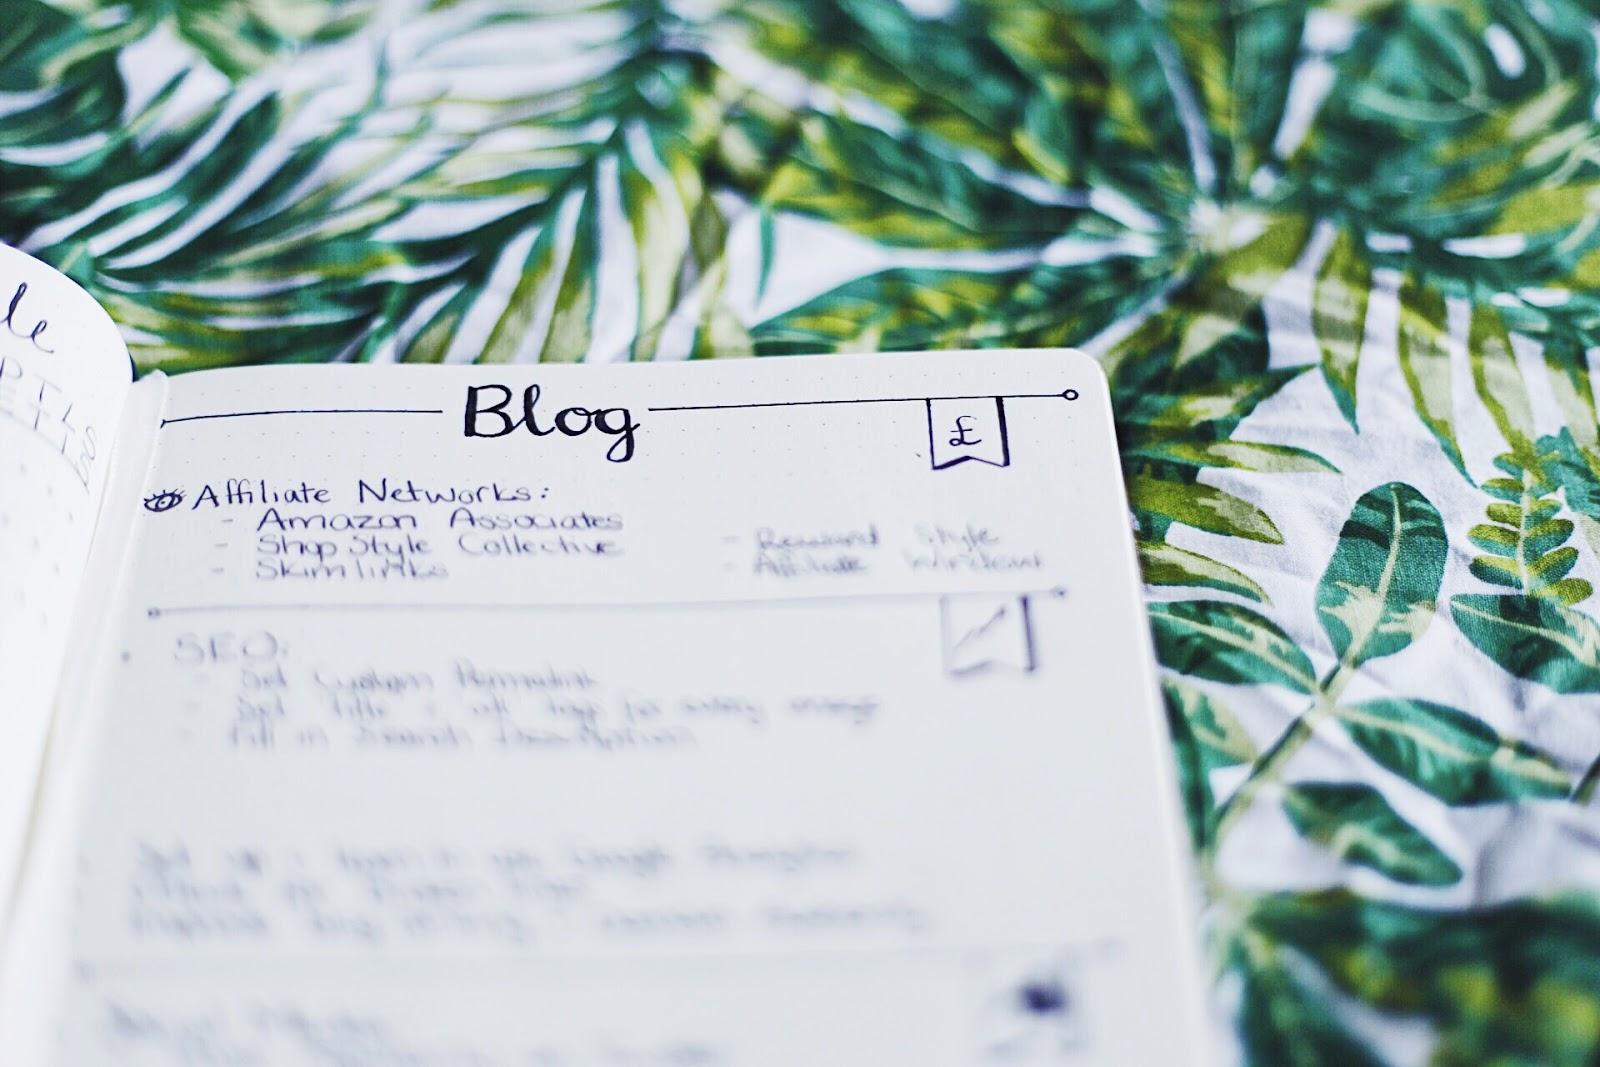 Bullet Journal Blogging Notes